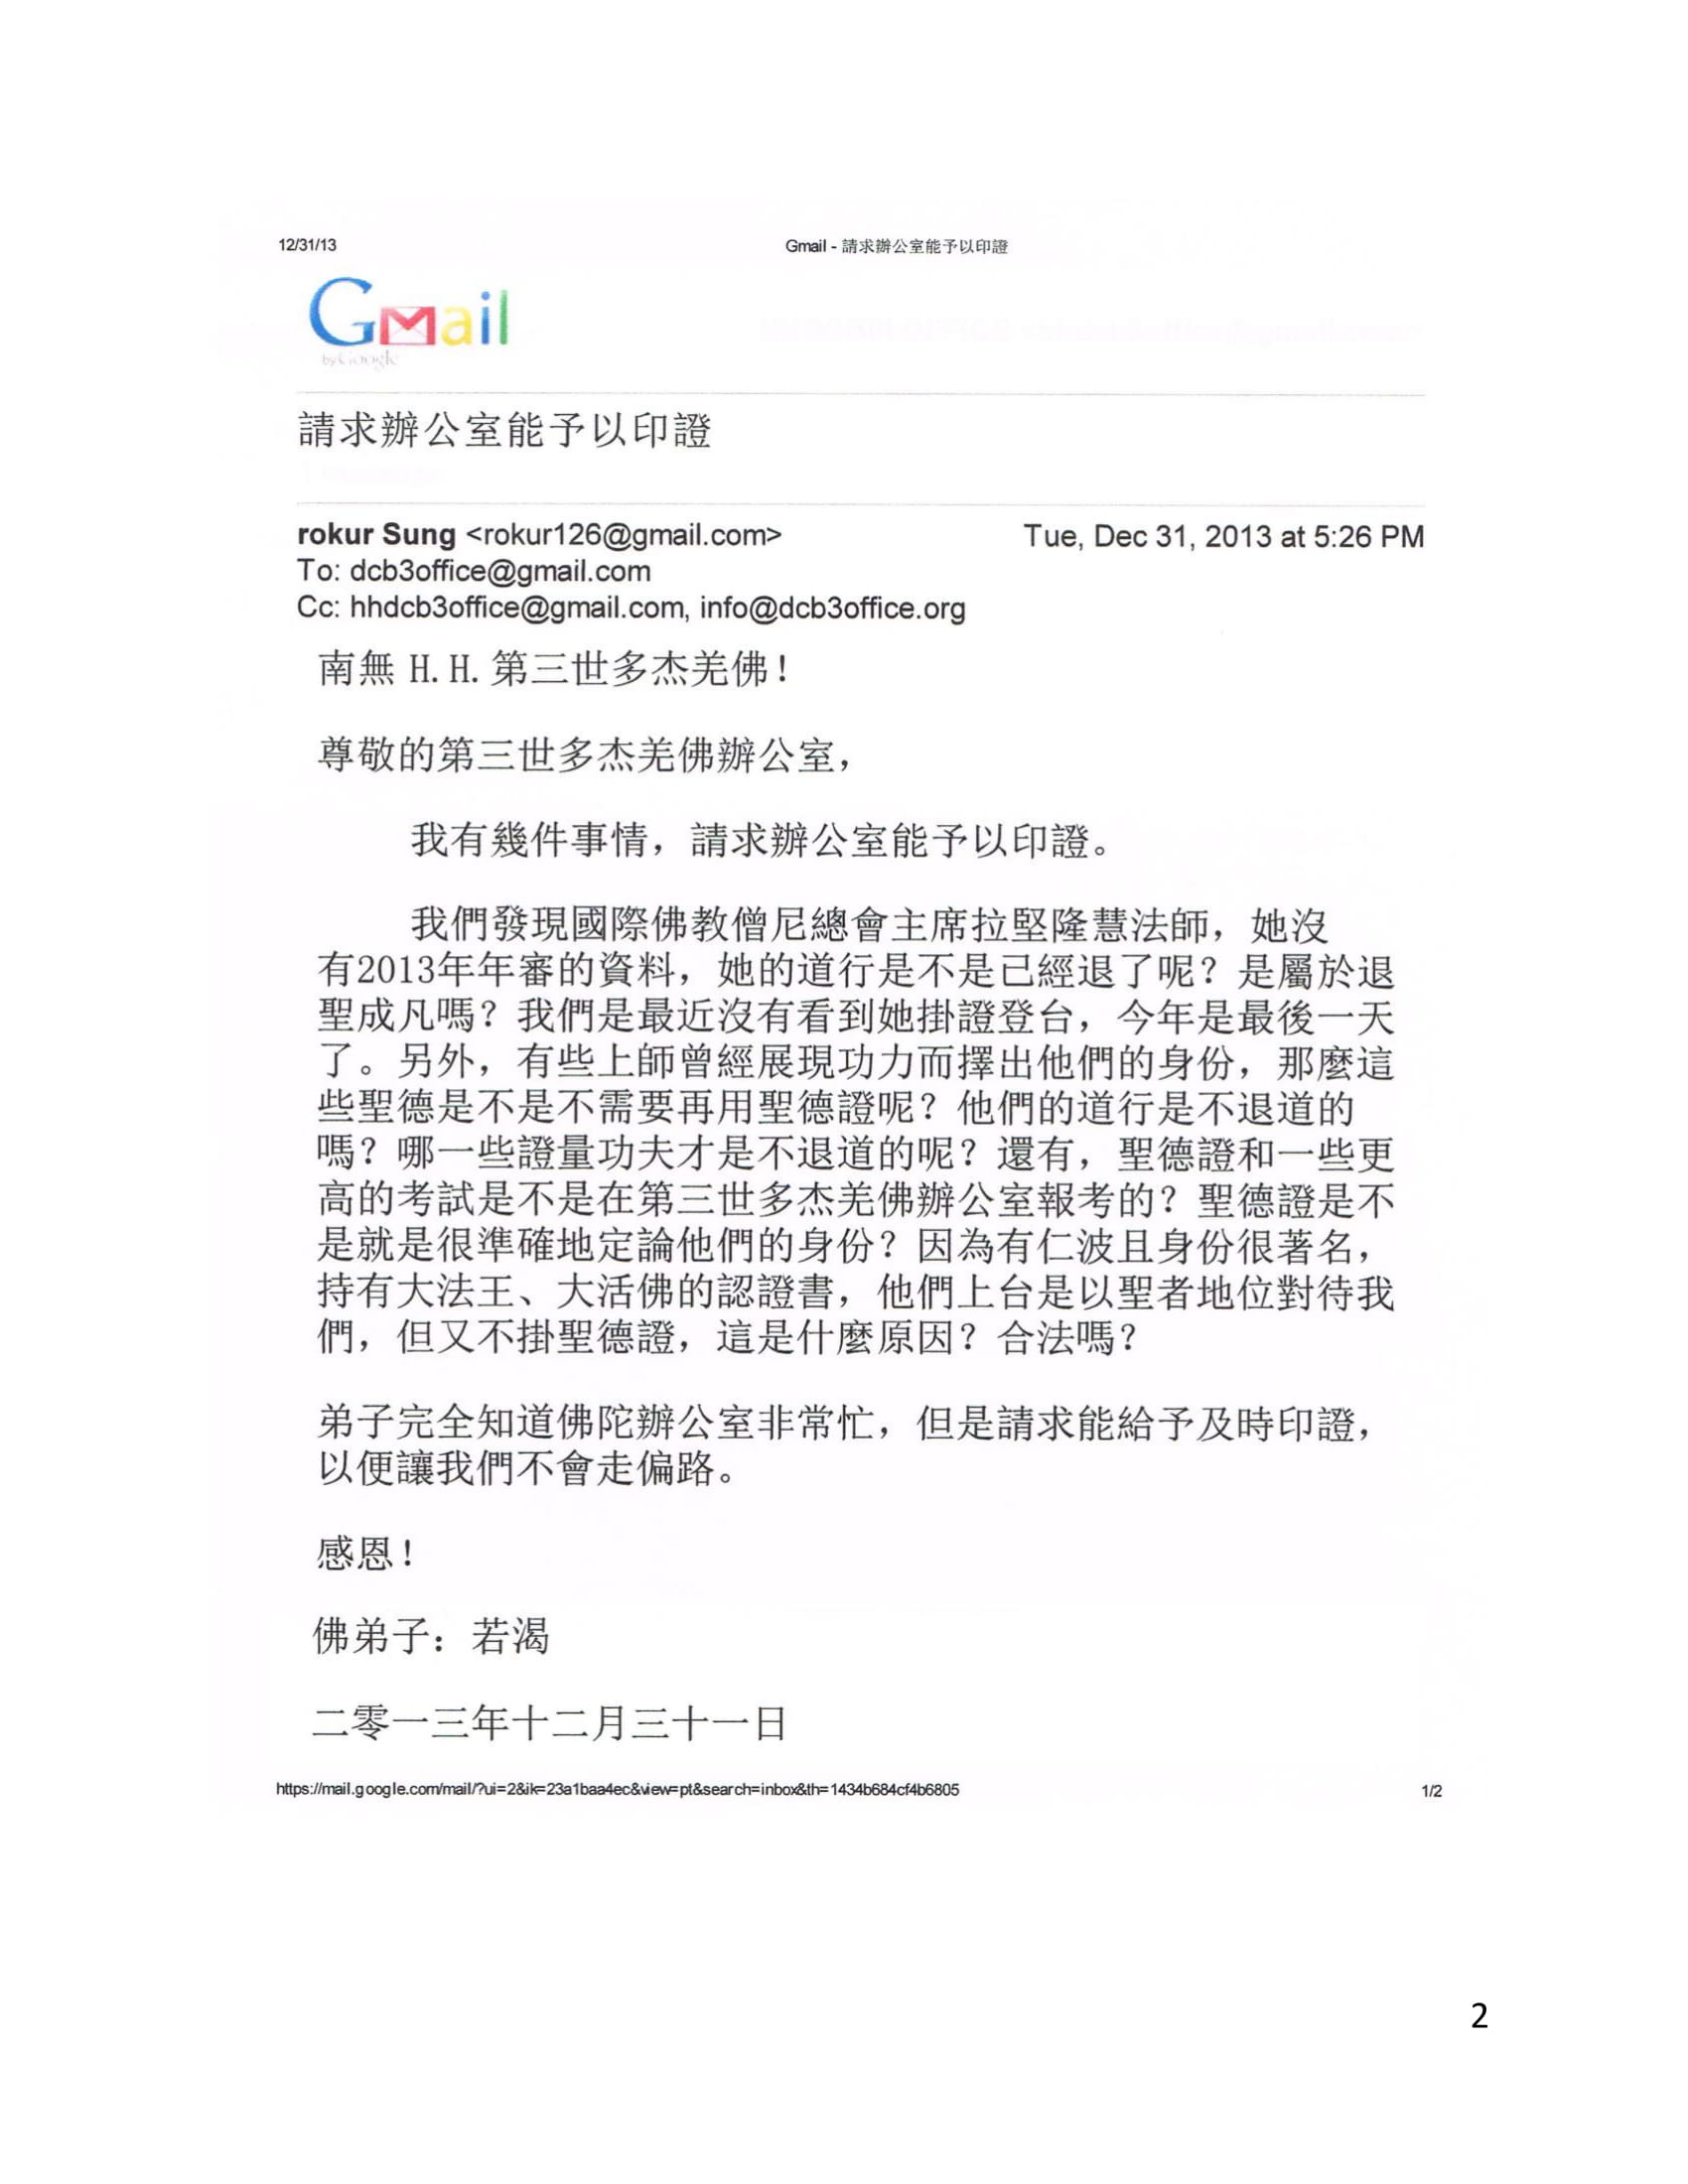 第三世多杰羌佛辦公室第七號來函印證-向辦公室請求印證的來信原文